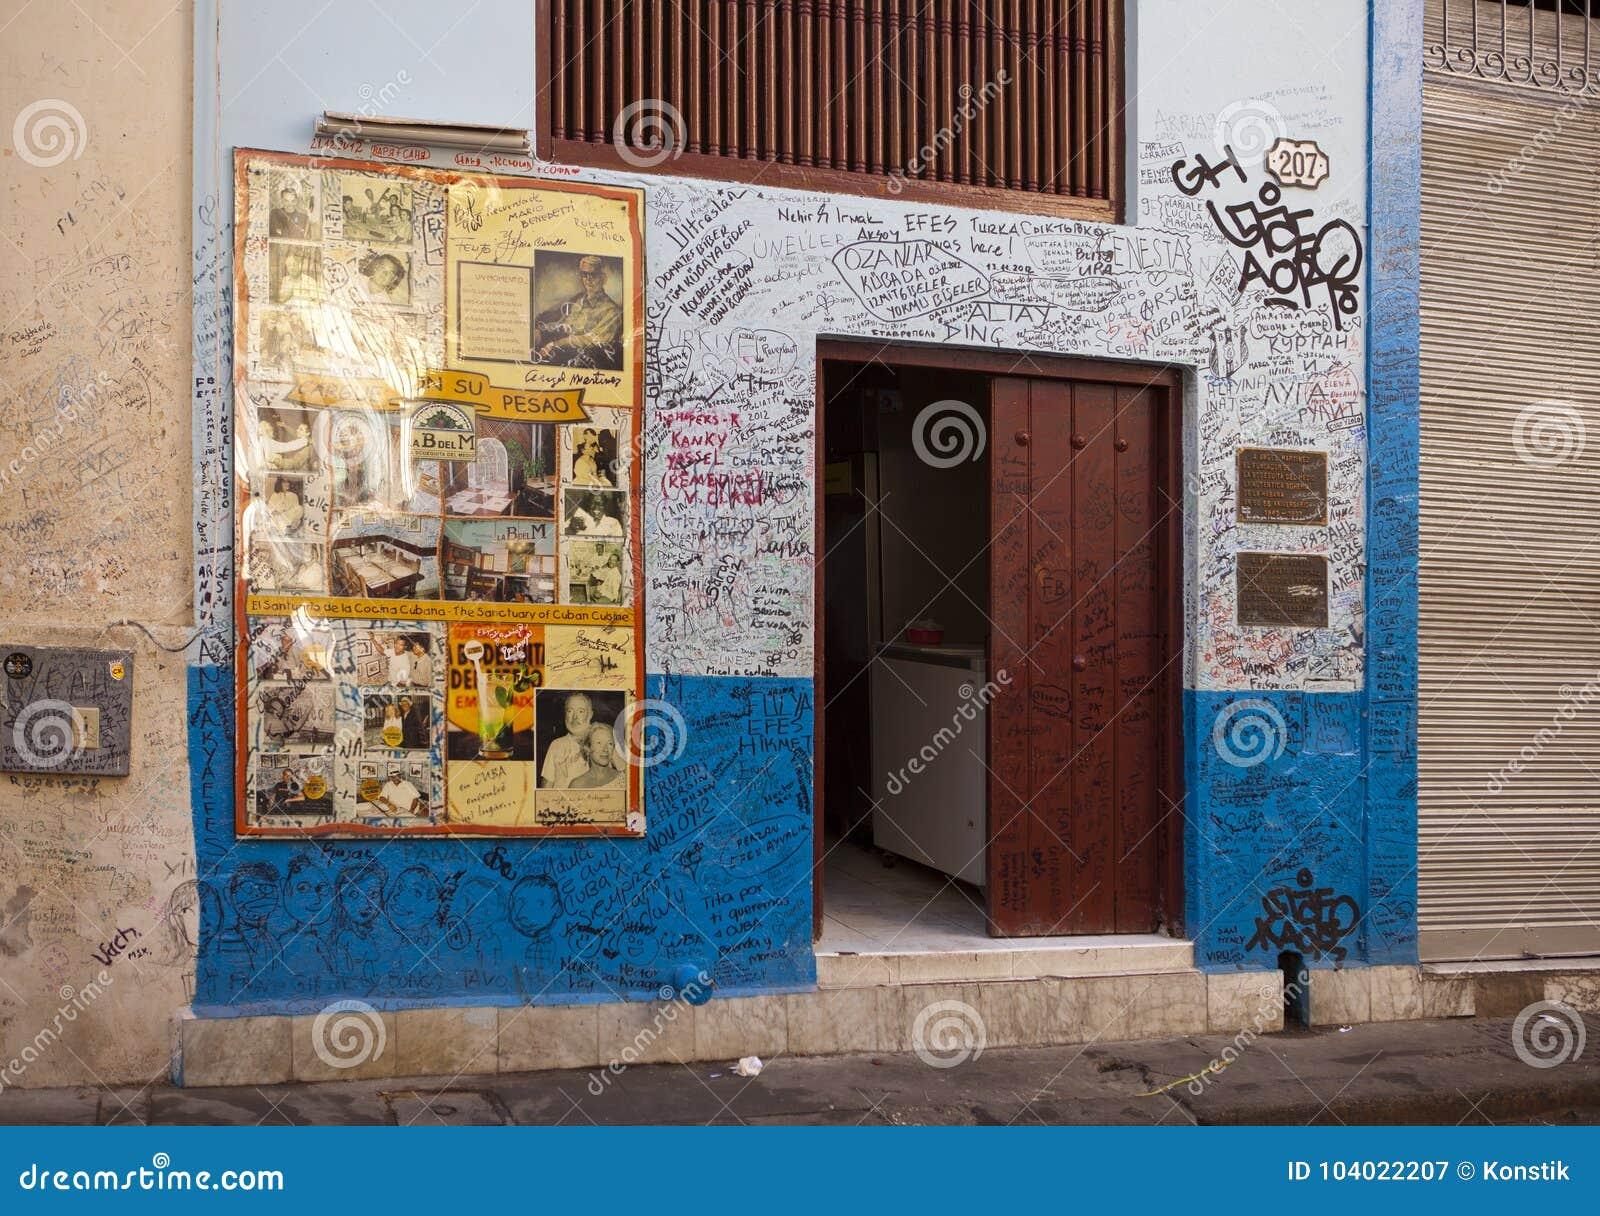 La Habana Cuba 27 De Enero De 2013 Restaurant Bodeguita Del Medio Cartel Con Los Autógrafos Sobre Una Entrada Este Restaurant Fotografía Editorial Imagen De Ciudad Hemingway 104022207